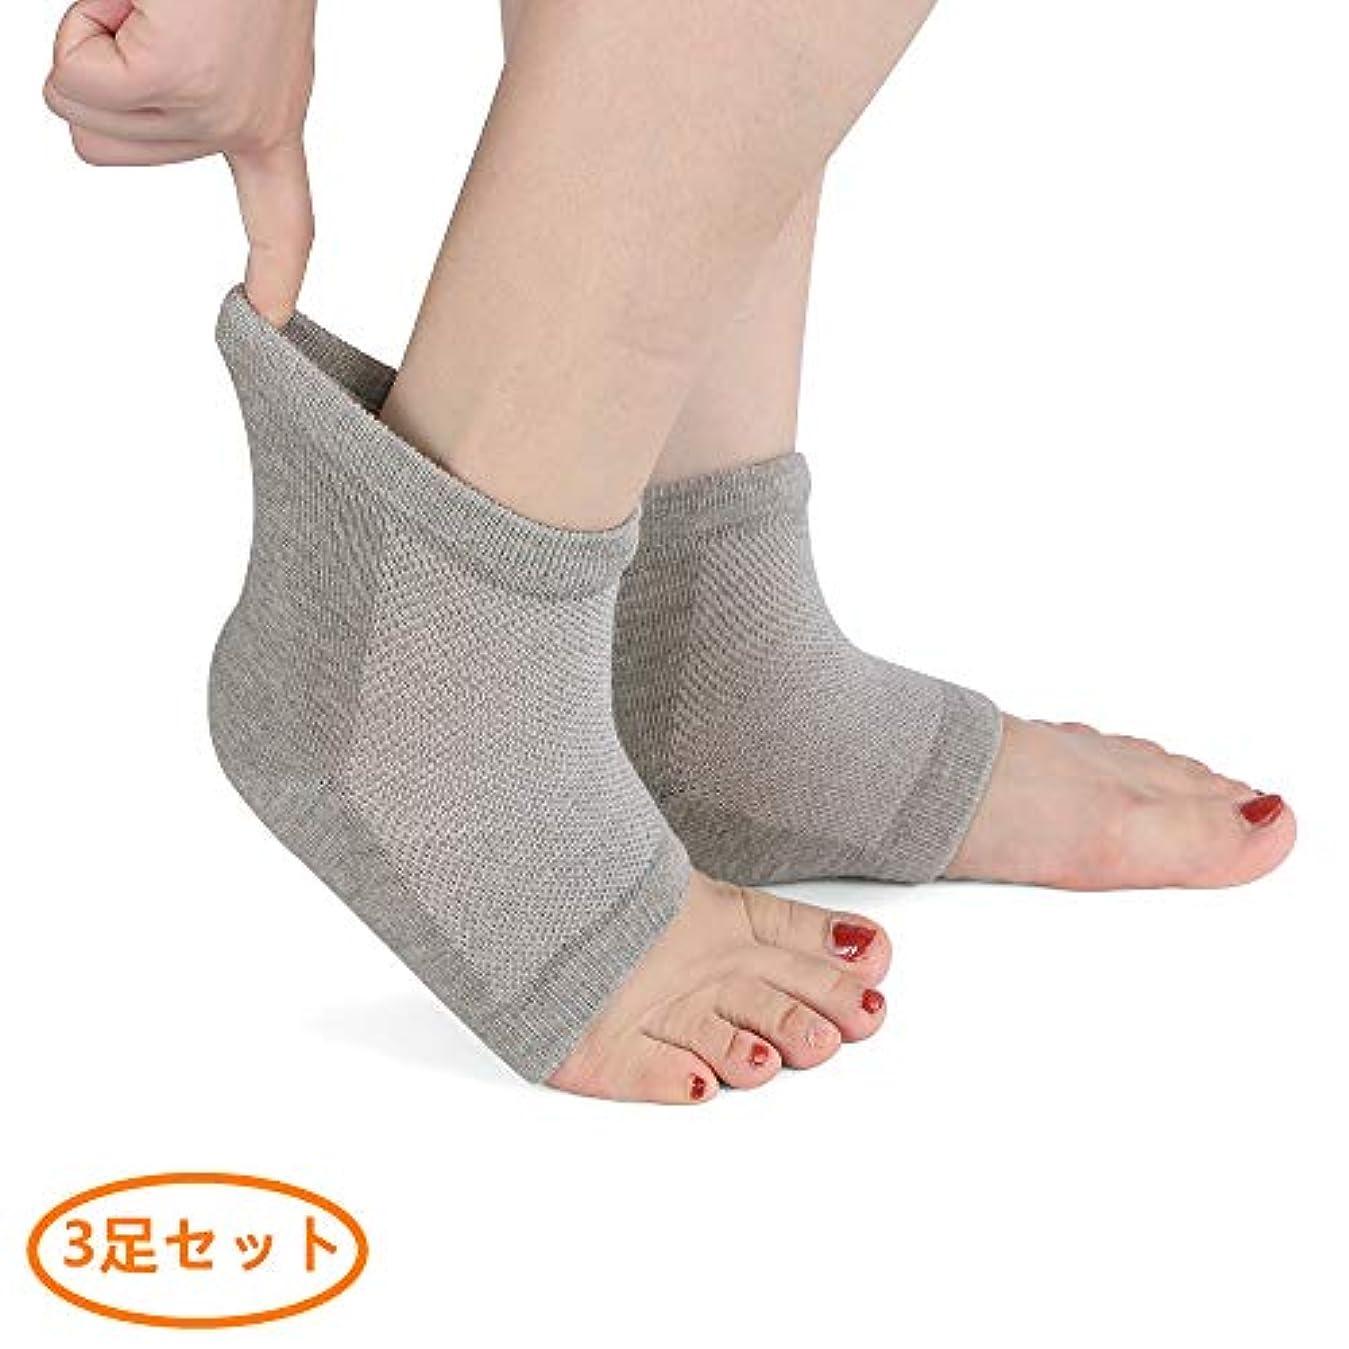 患者柔らかい足バックアップYUANSHOP1 かかとケア ソックス 3足セット かかと靴下 レディース メンズ ひび割れケア/角質除去/保湿/美容 足SPA 足ケア フリーサイズ (グレー)